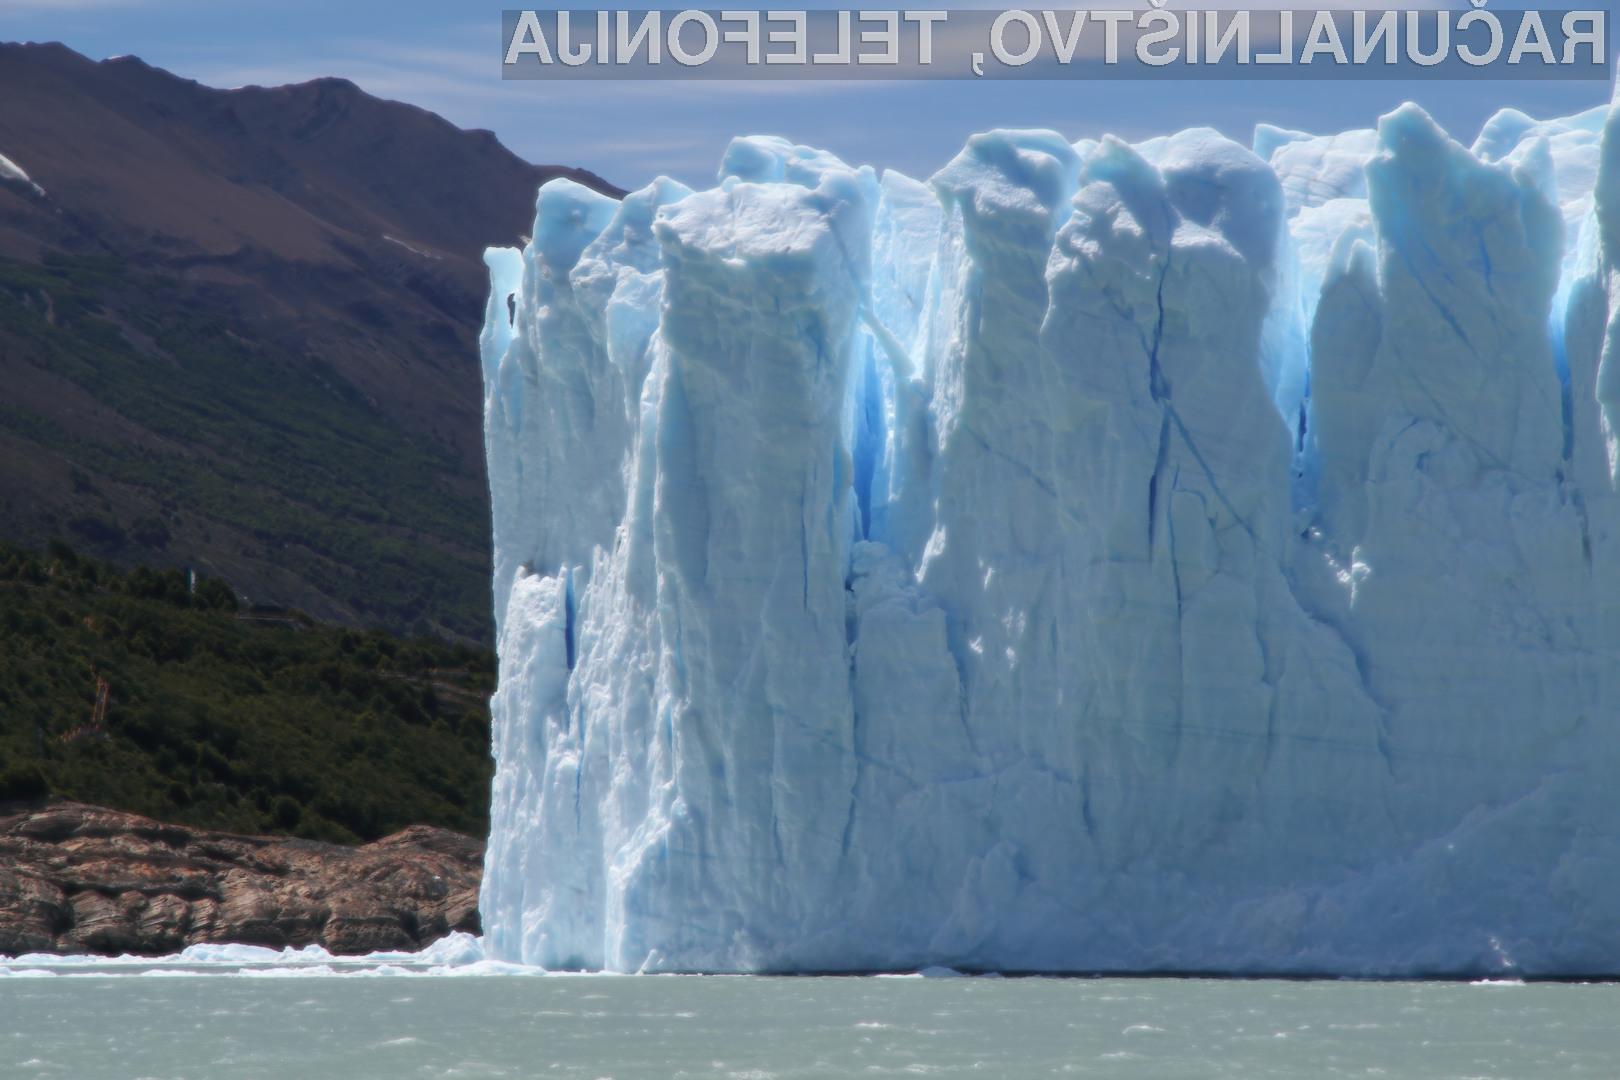 Amazonov ledenik za dolgotrajno hrambo podatkov